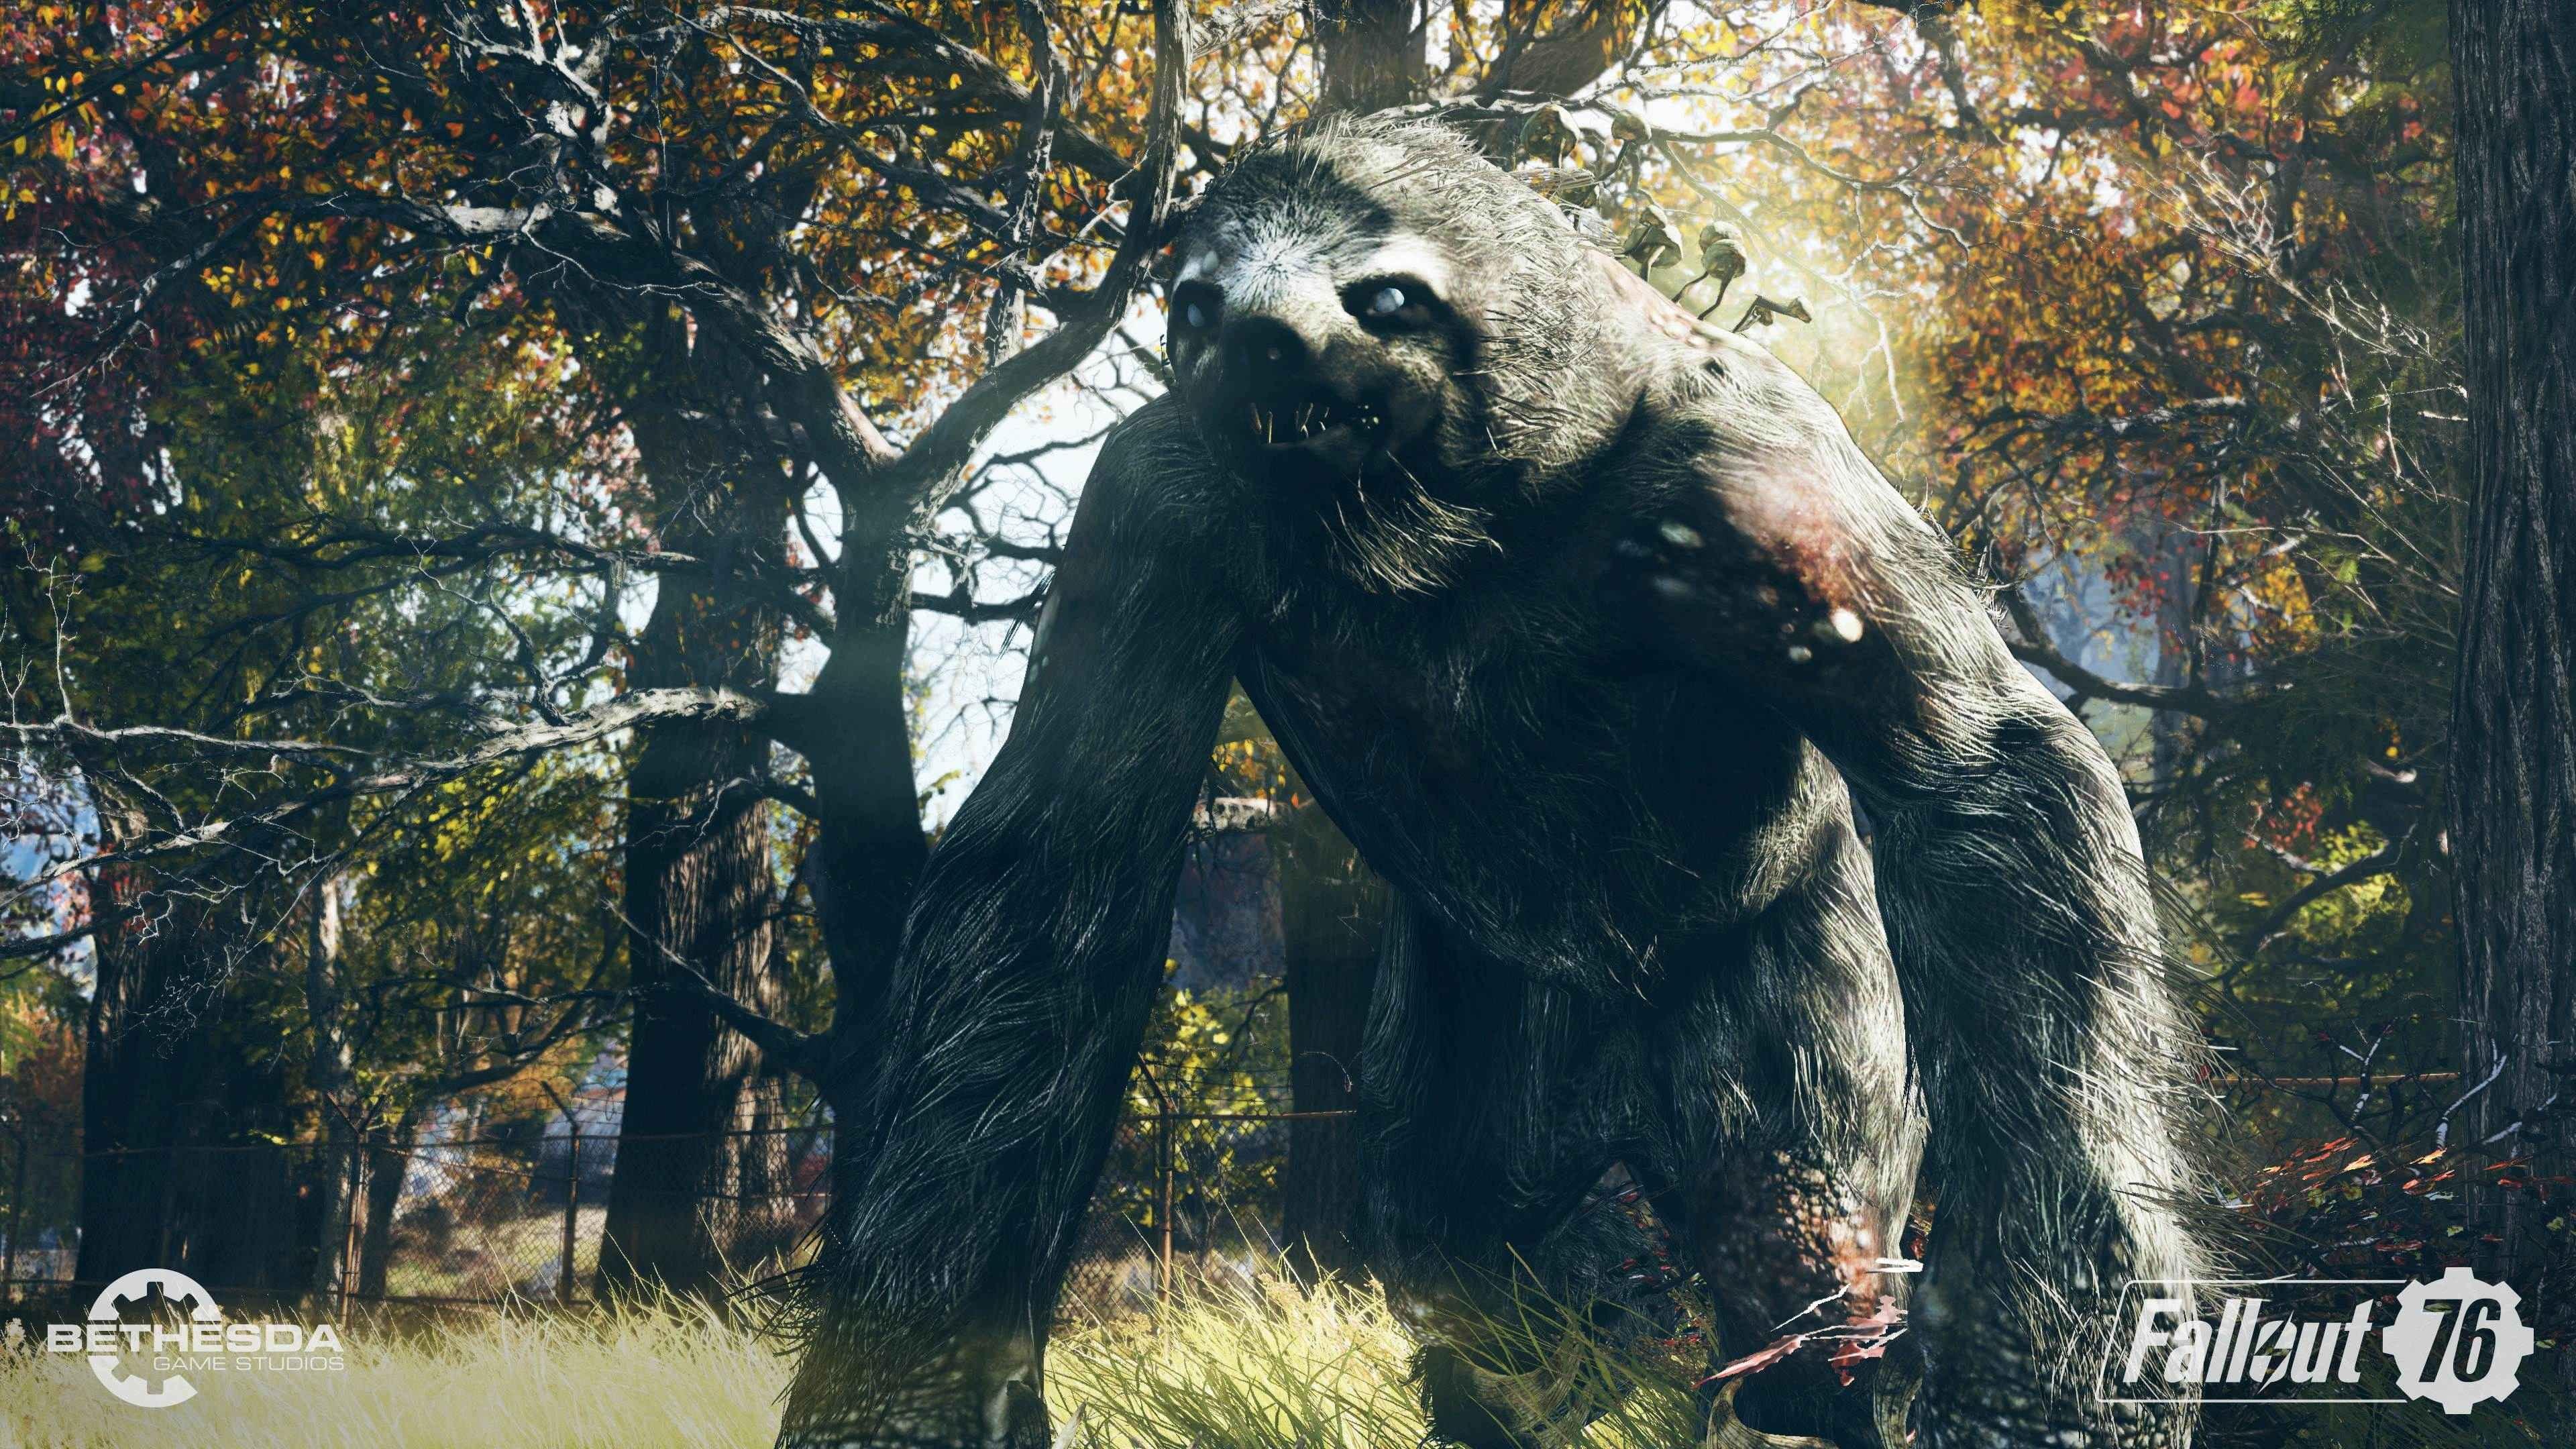 Fallout 76 Termin Sondereditionen Beta Gameplay Und